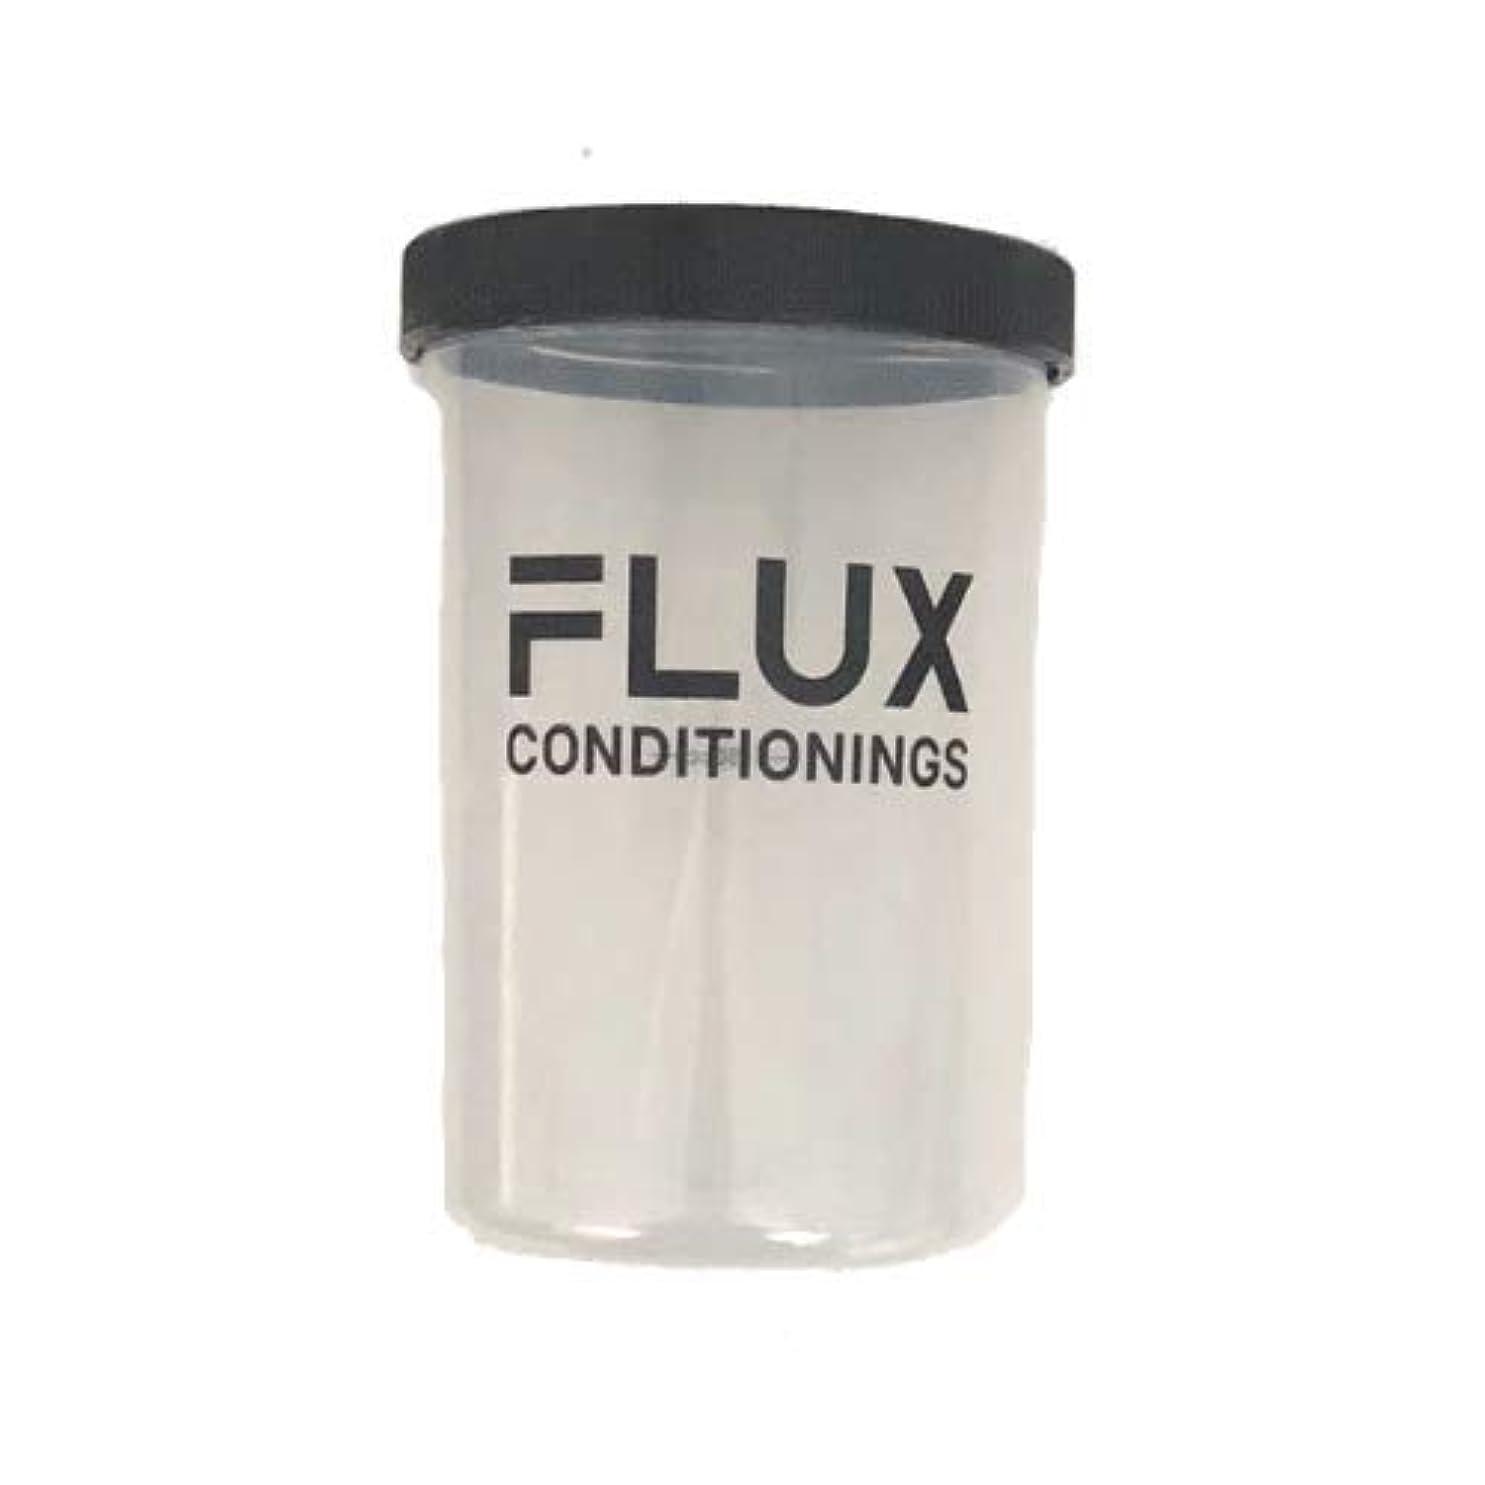 ラウズエキサイティング告白する代官山FLUX(フラックス)ジム、プロテインシェーカー (500ml)